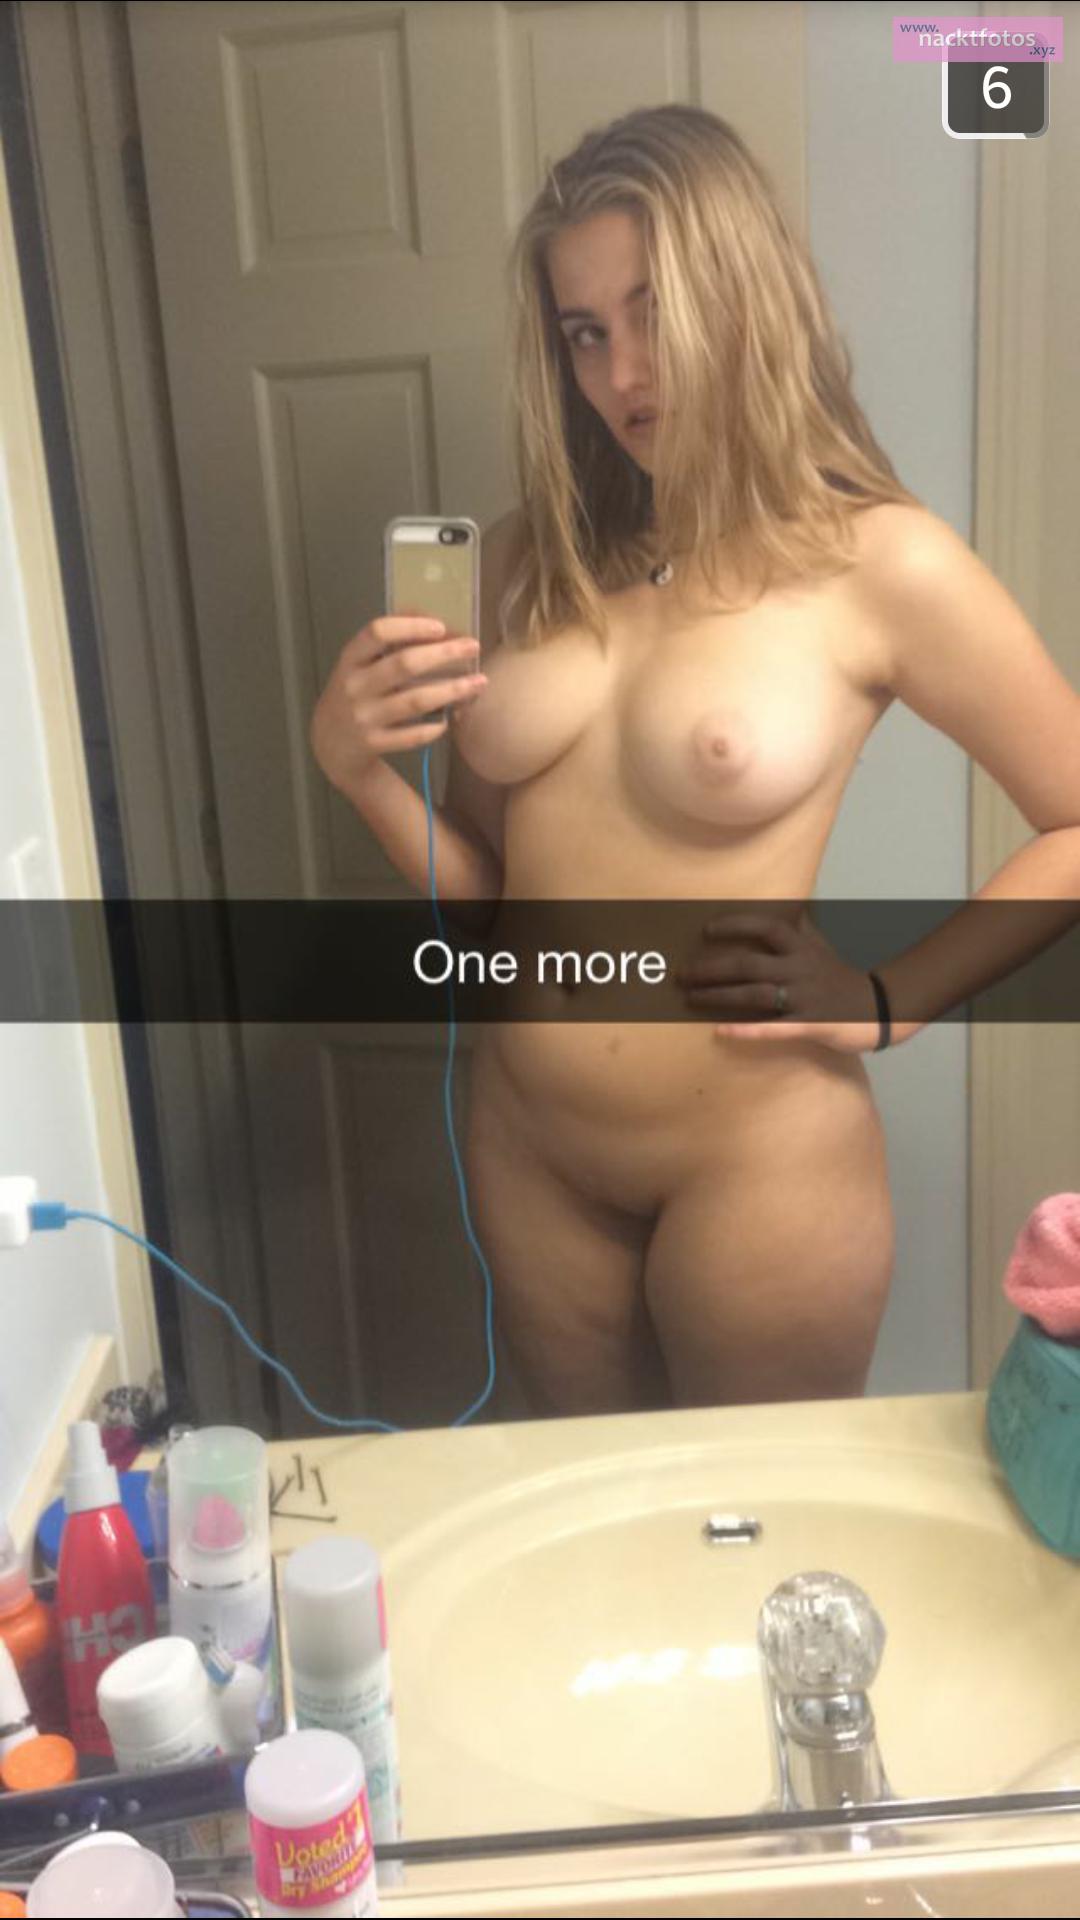 Über whatsapp bekommen nackt selfies Telekommunikation